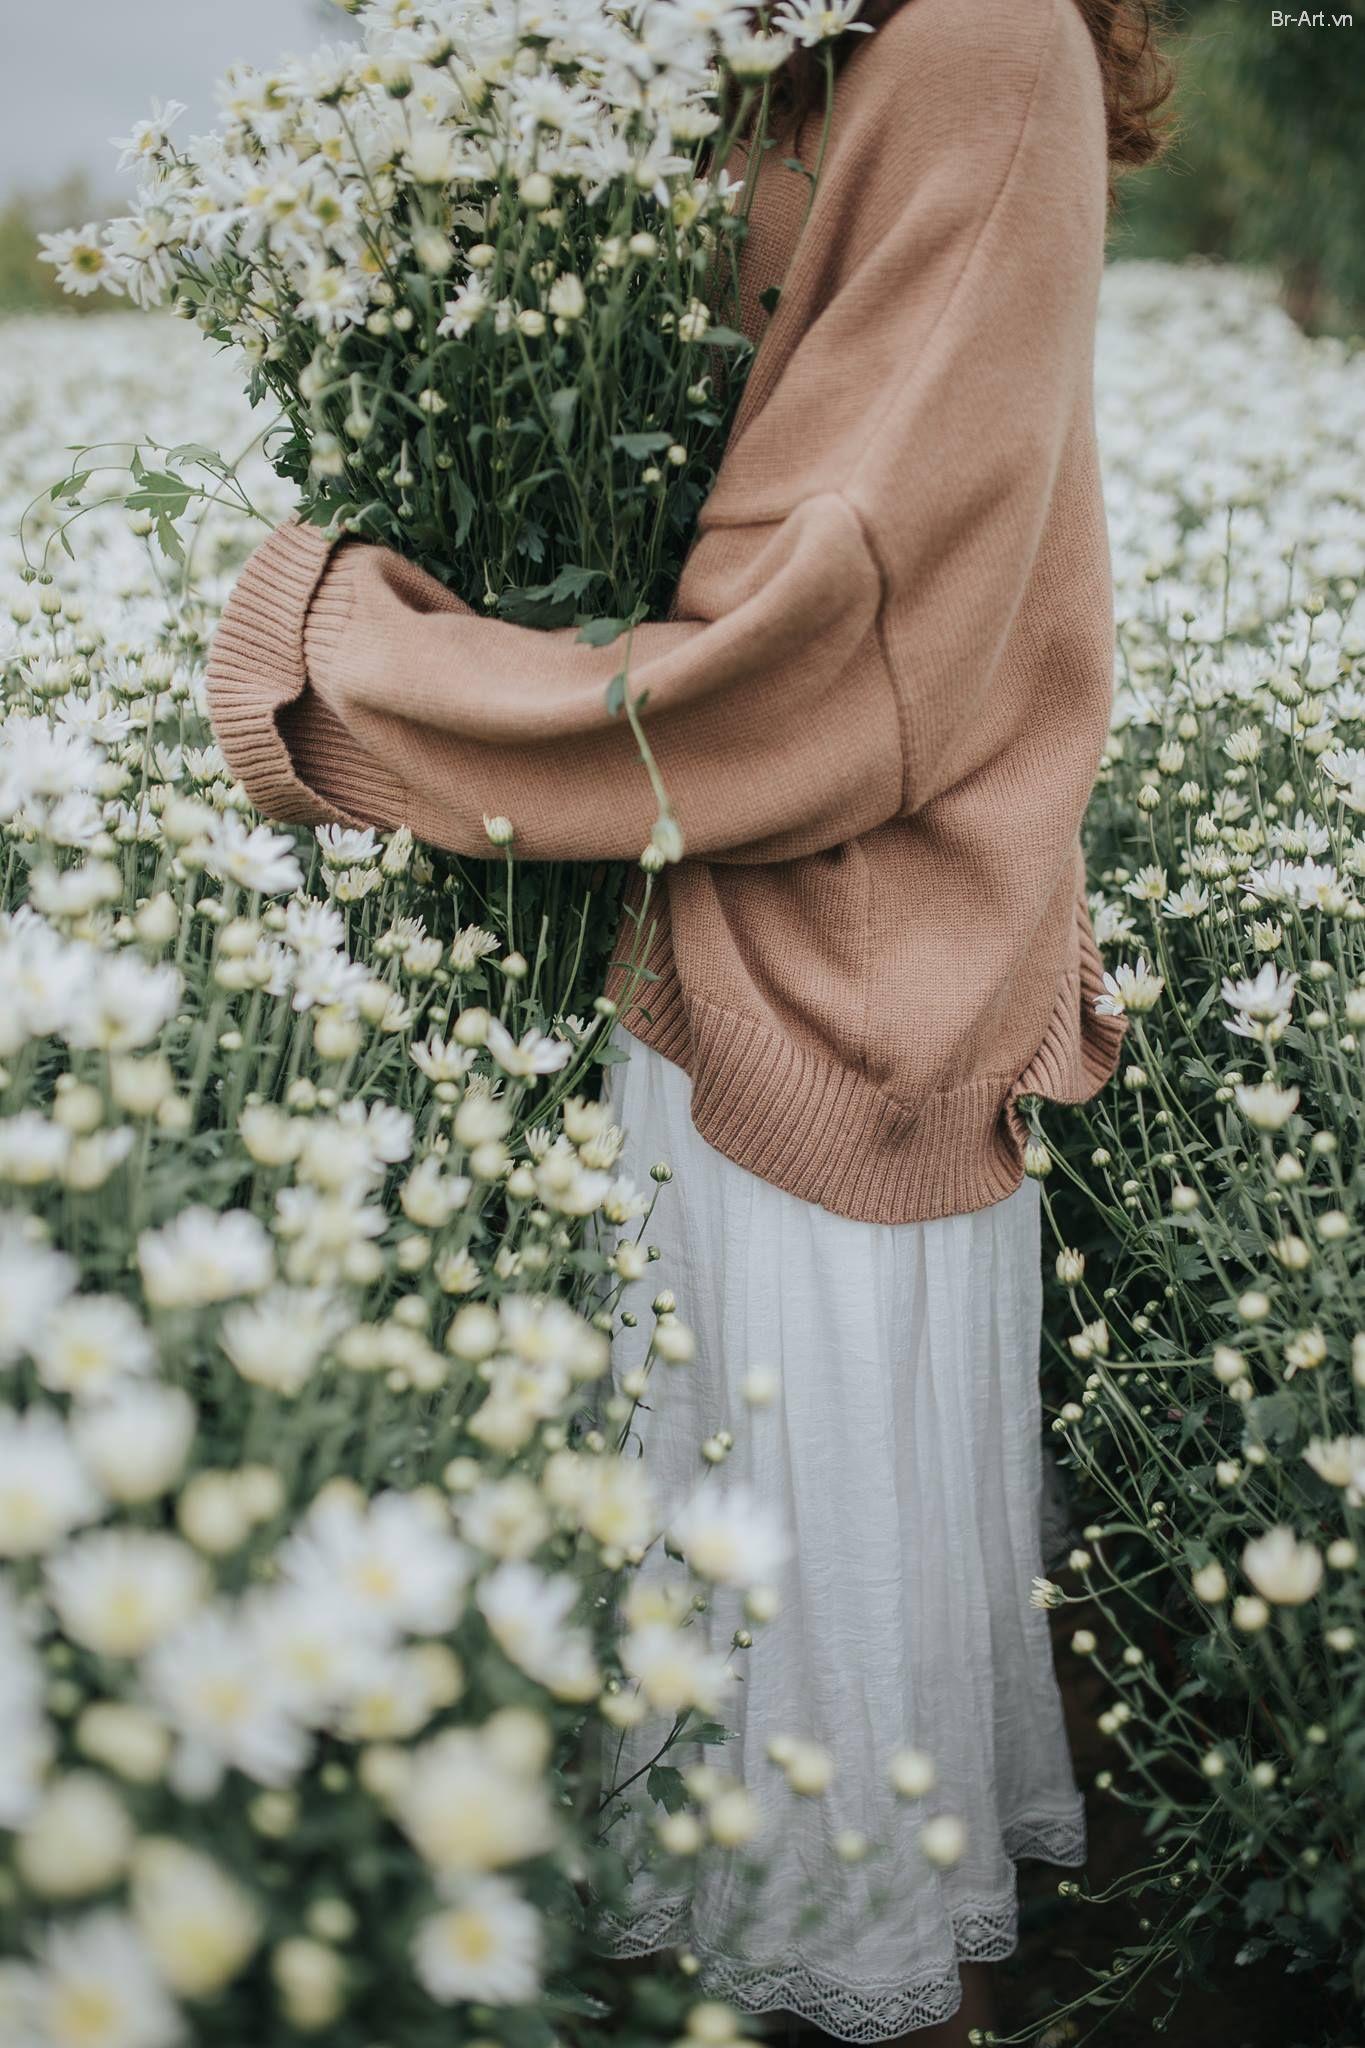 Chia sẻ preset bộ ảnh Cúc họa mi của em | Hoa cúc họa mi ...